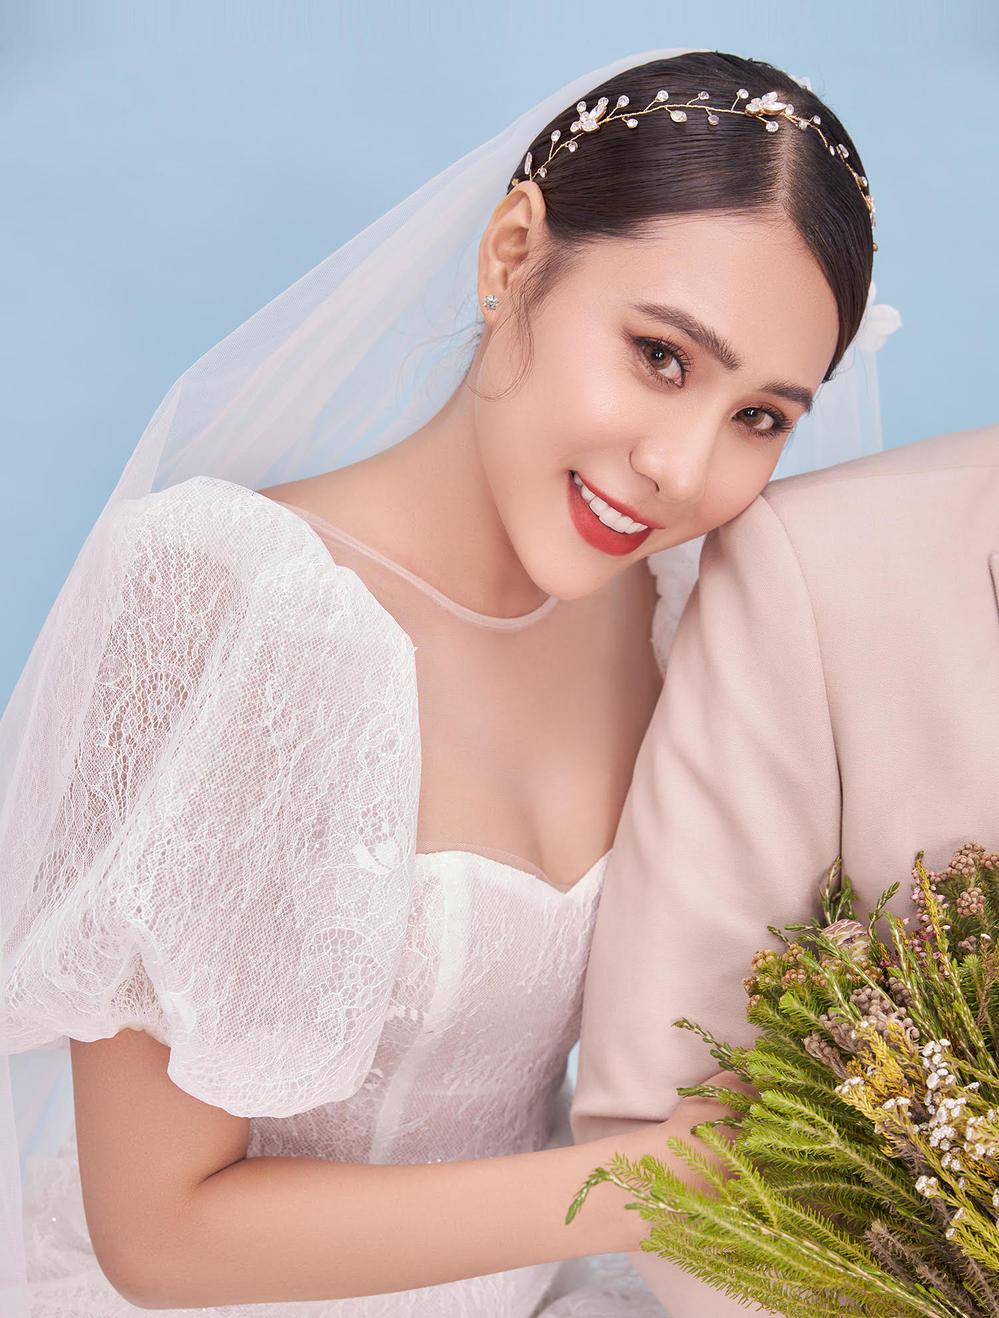 Hồ Bích Trâm tung ảnh cưới giấu mặt chú rể, CĐM đã nhanh chóng tìm ra danh tính - Ảnh 2